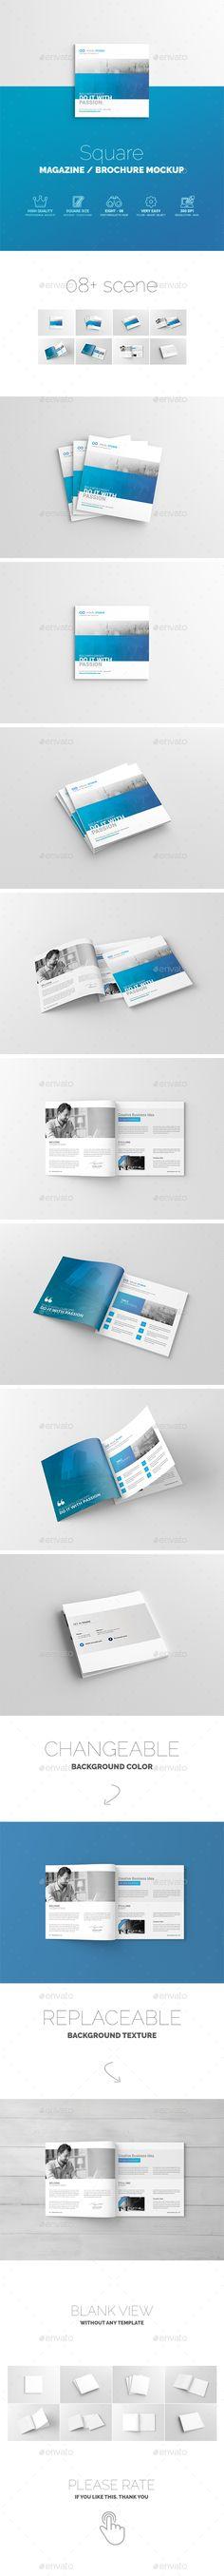 72 besten Presentation Folder Bilder auf Pinterest   Broschüren ...